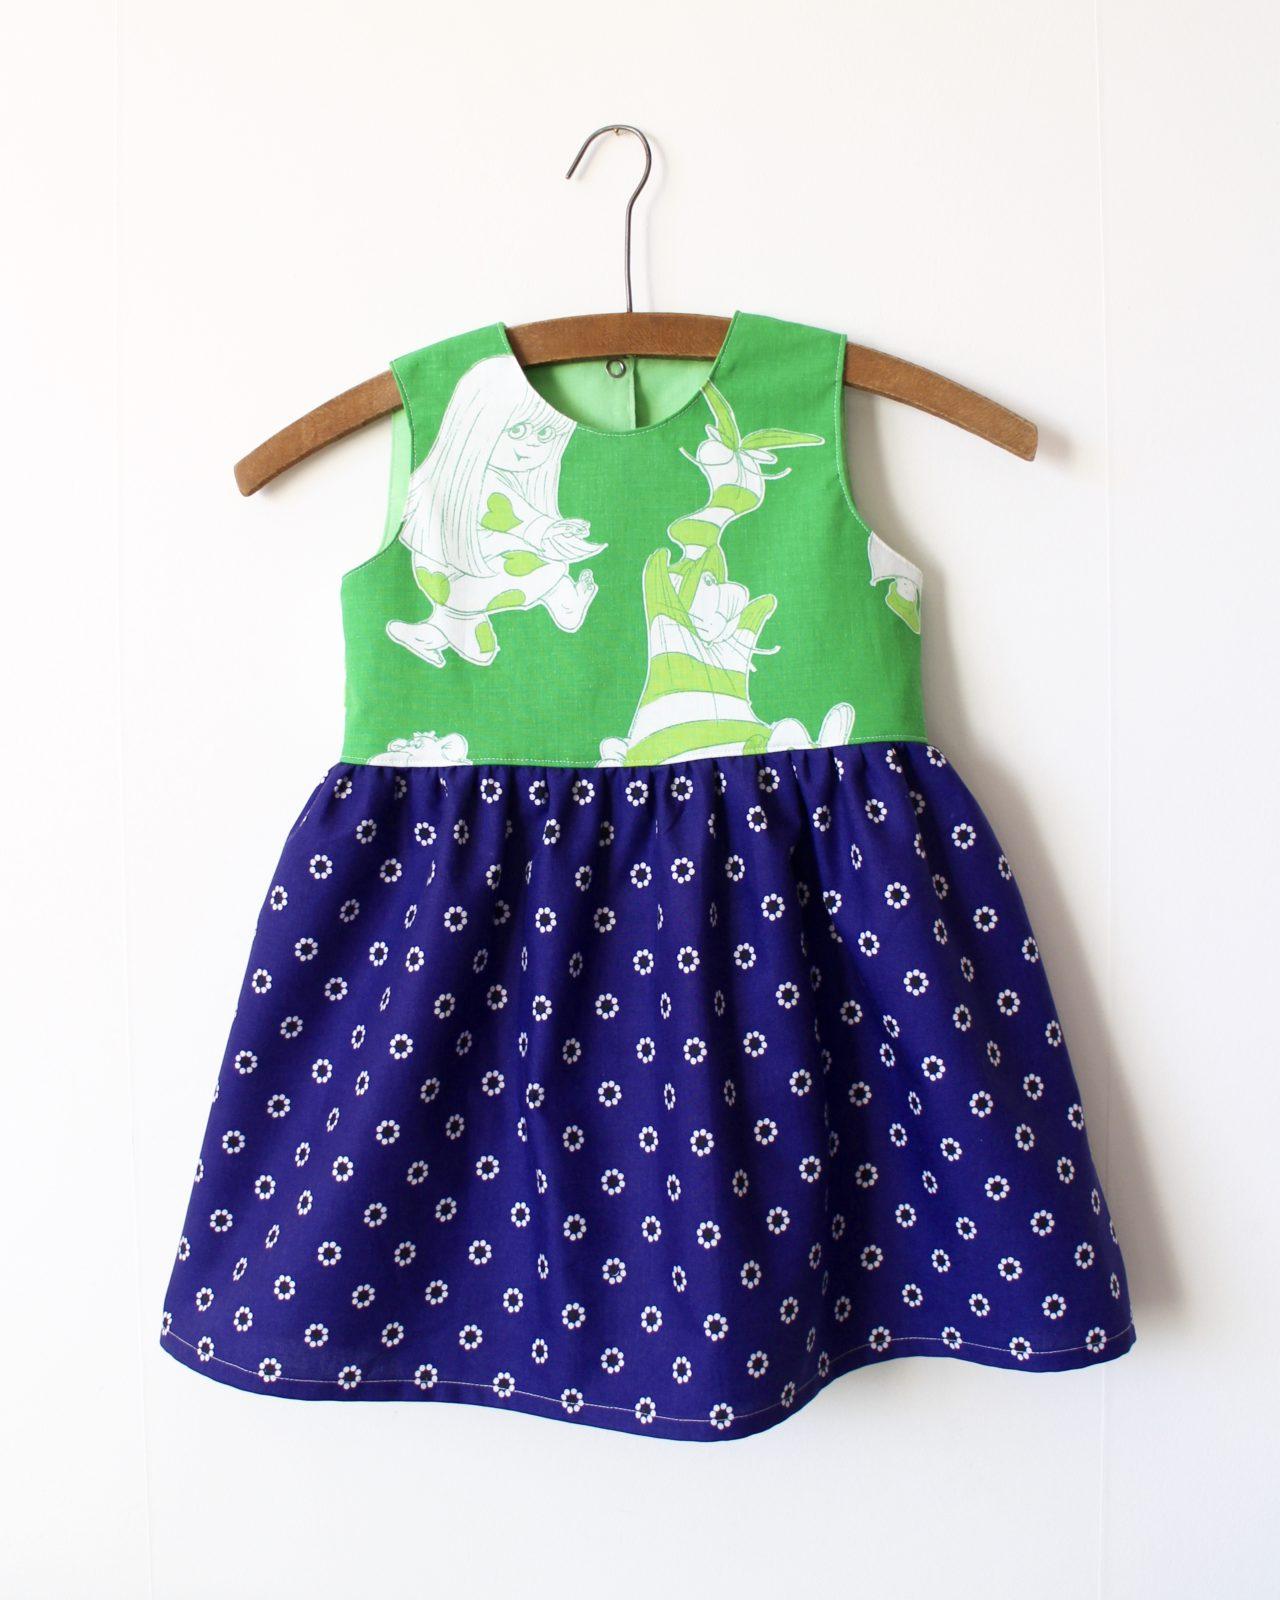 Klänning Barnklänning Dunderklumpen Retro Retrotyg Vintage Vintagetyg Återbruk Miljövänlig Miljönär Återanvändning